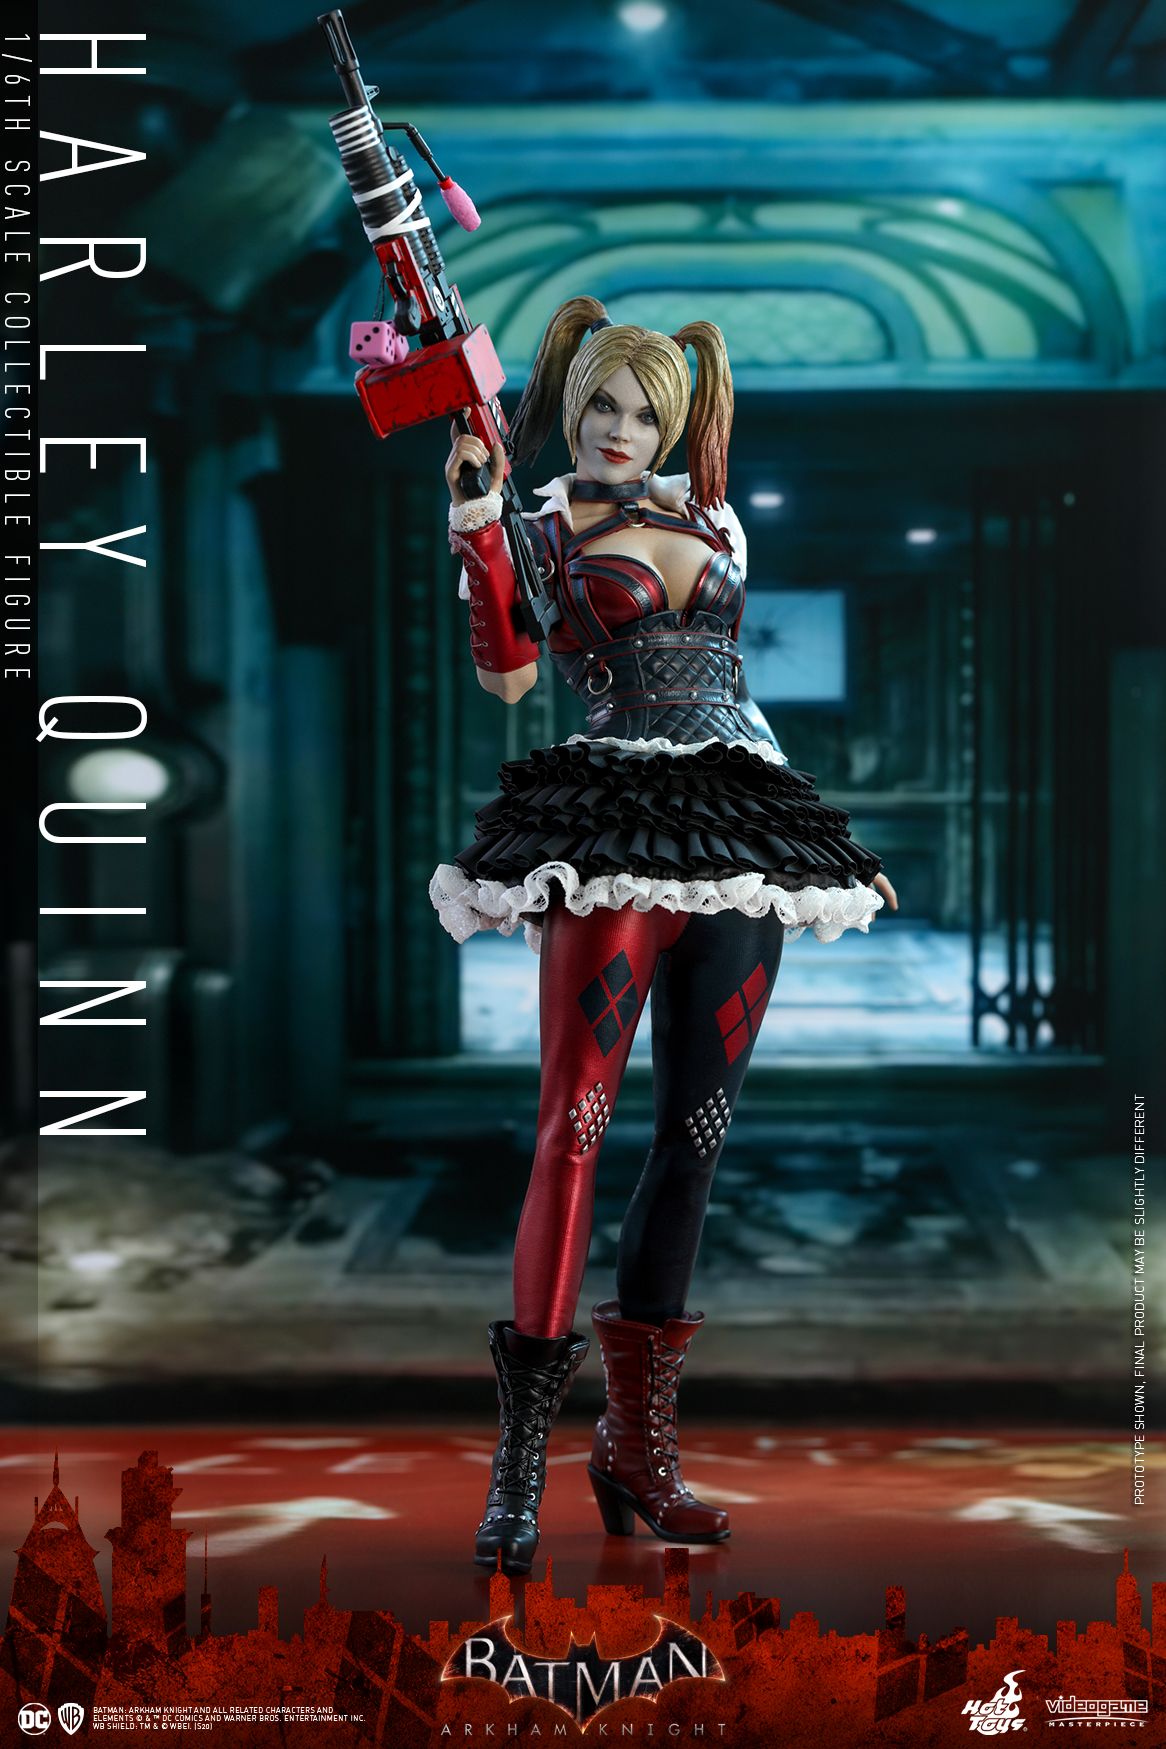 Hot Toys - Batman Arkham Knight - Harley Quinn - PR16